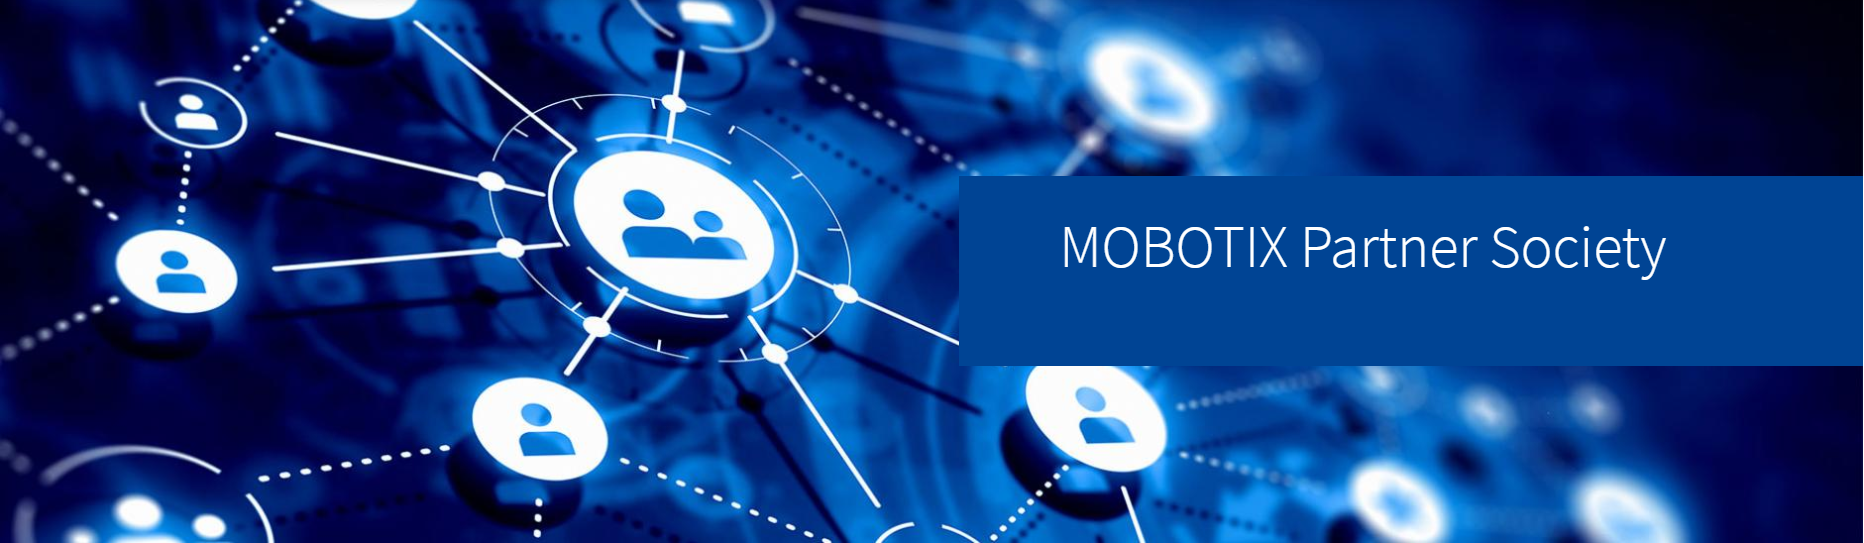 MOBOTIX Partner Society